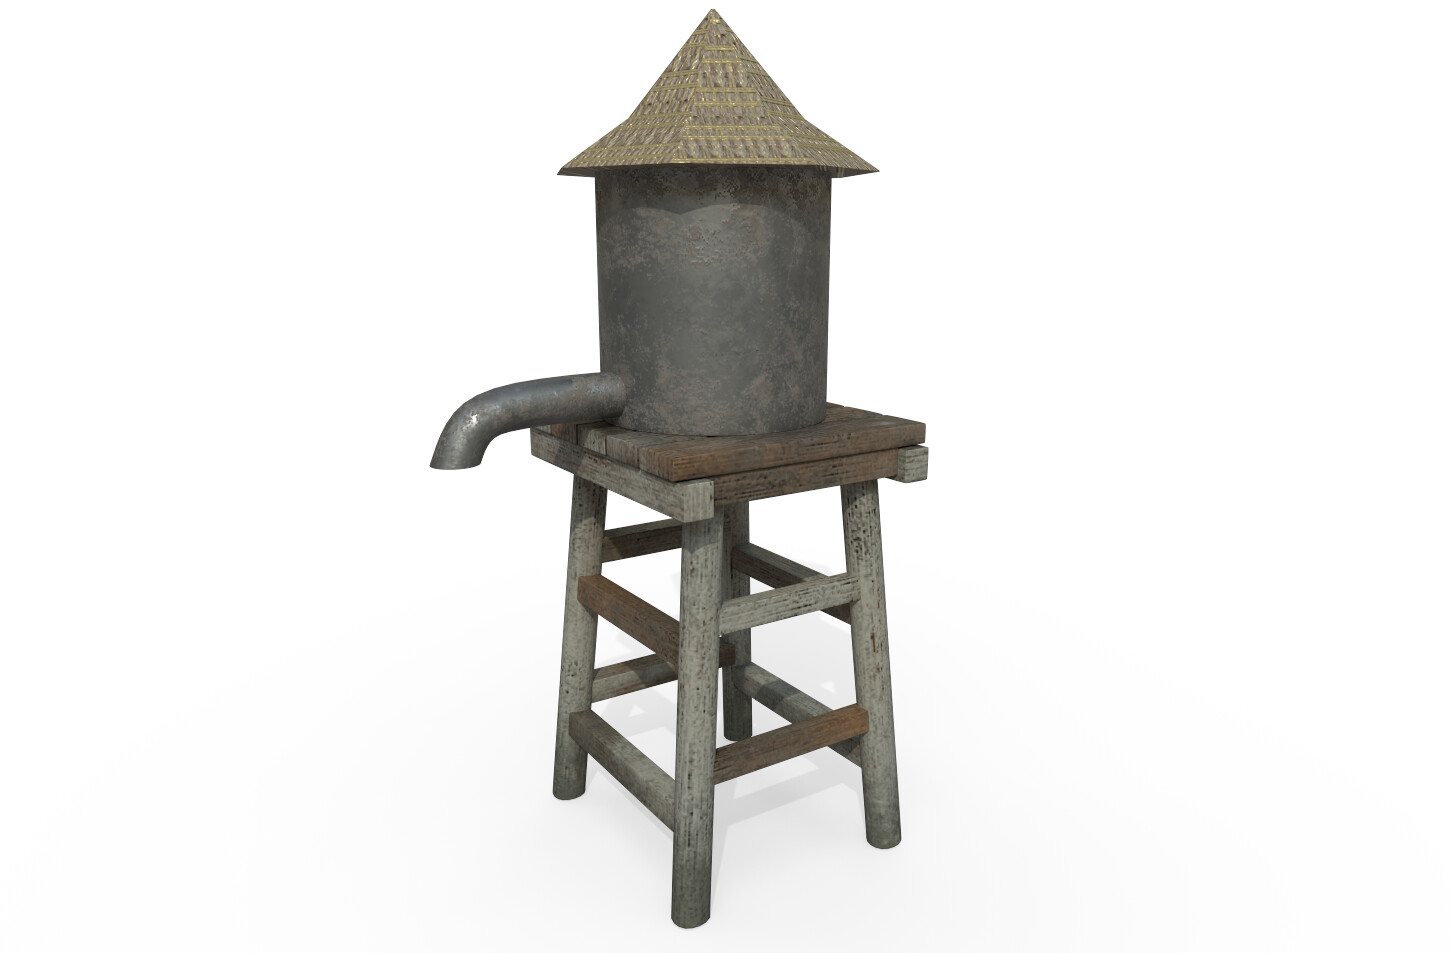 Joseph moniz watertower001c